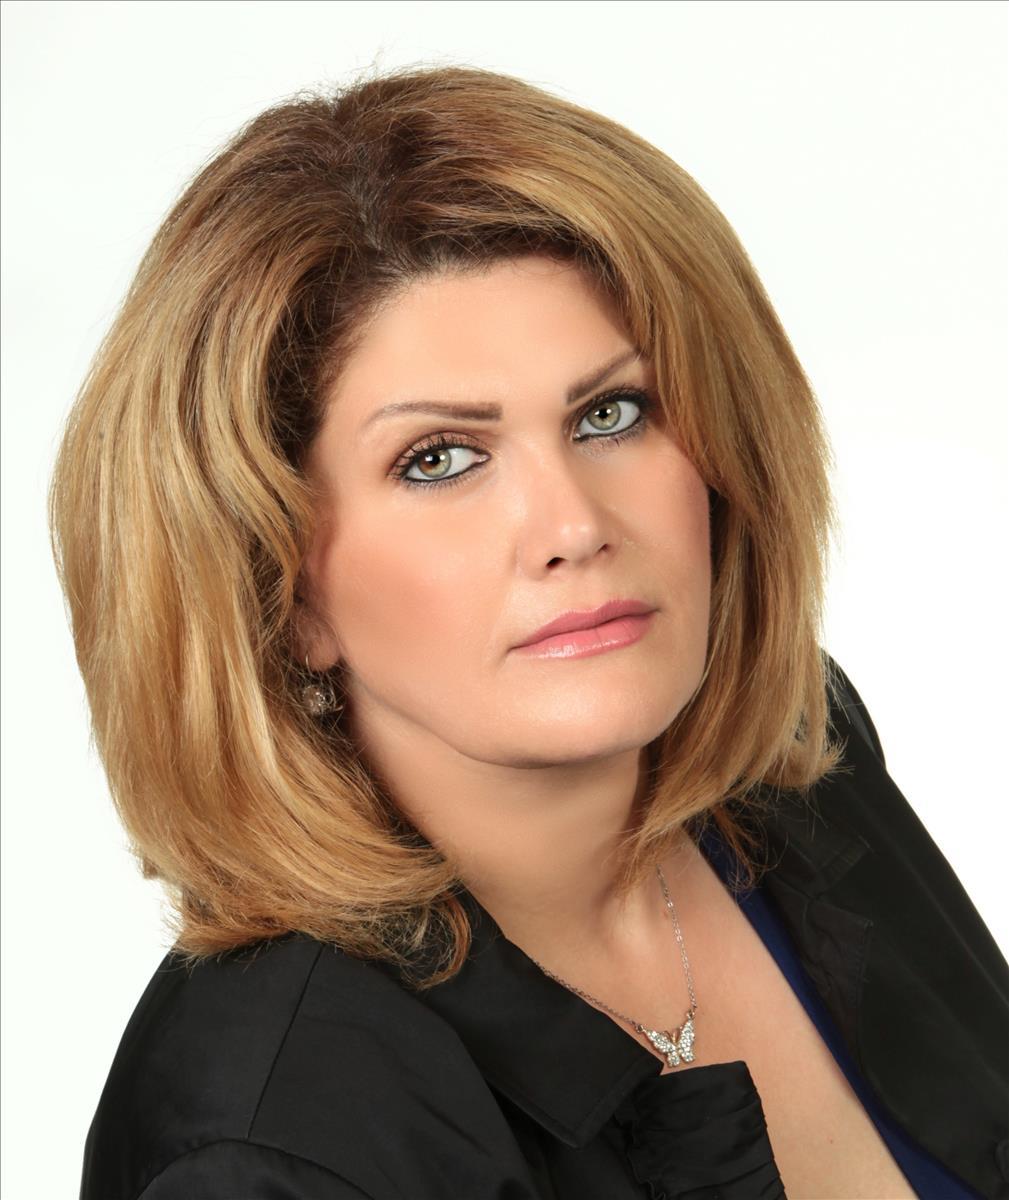 Shara Ansari